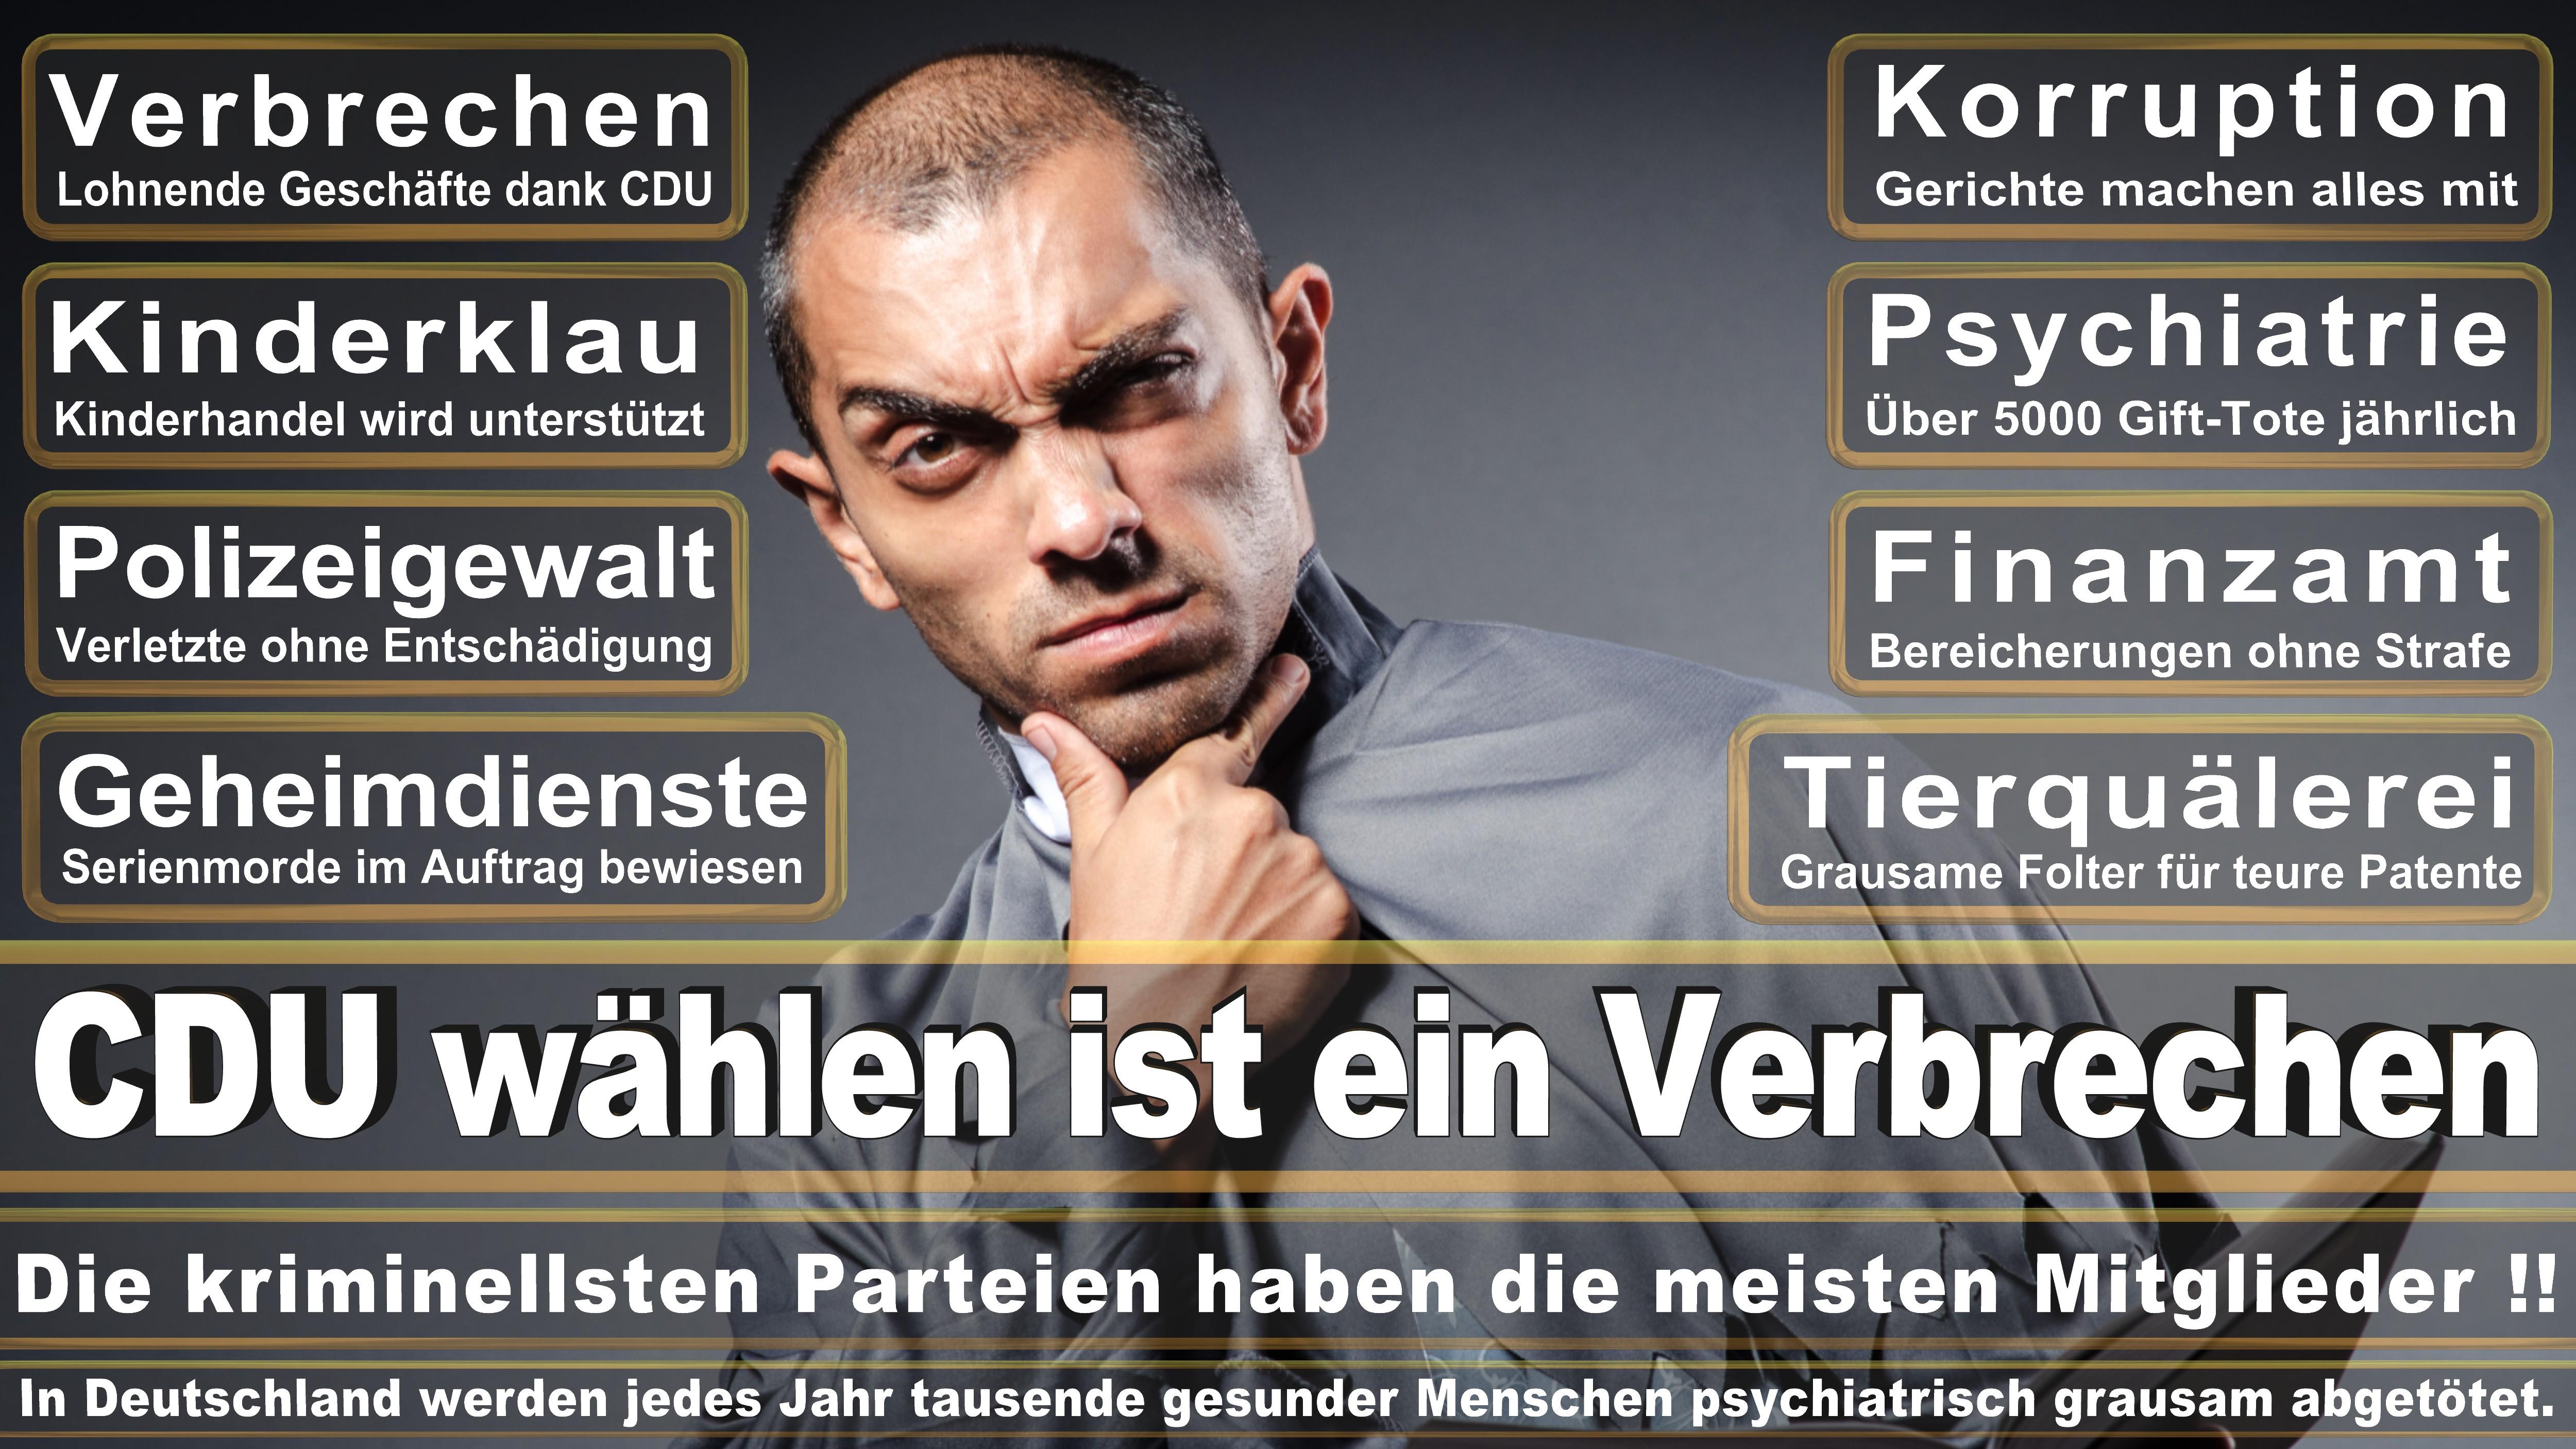 Willi Lemke, Ehemaliger Geschäftsführer Des SV Werder Bremen Und Bremer Bildungssenator